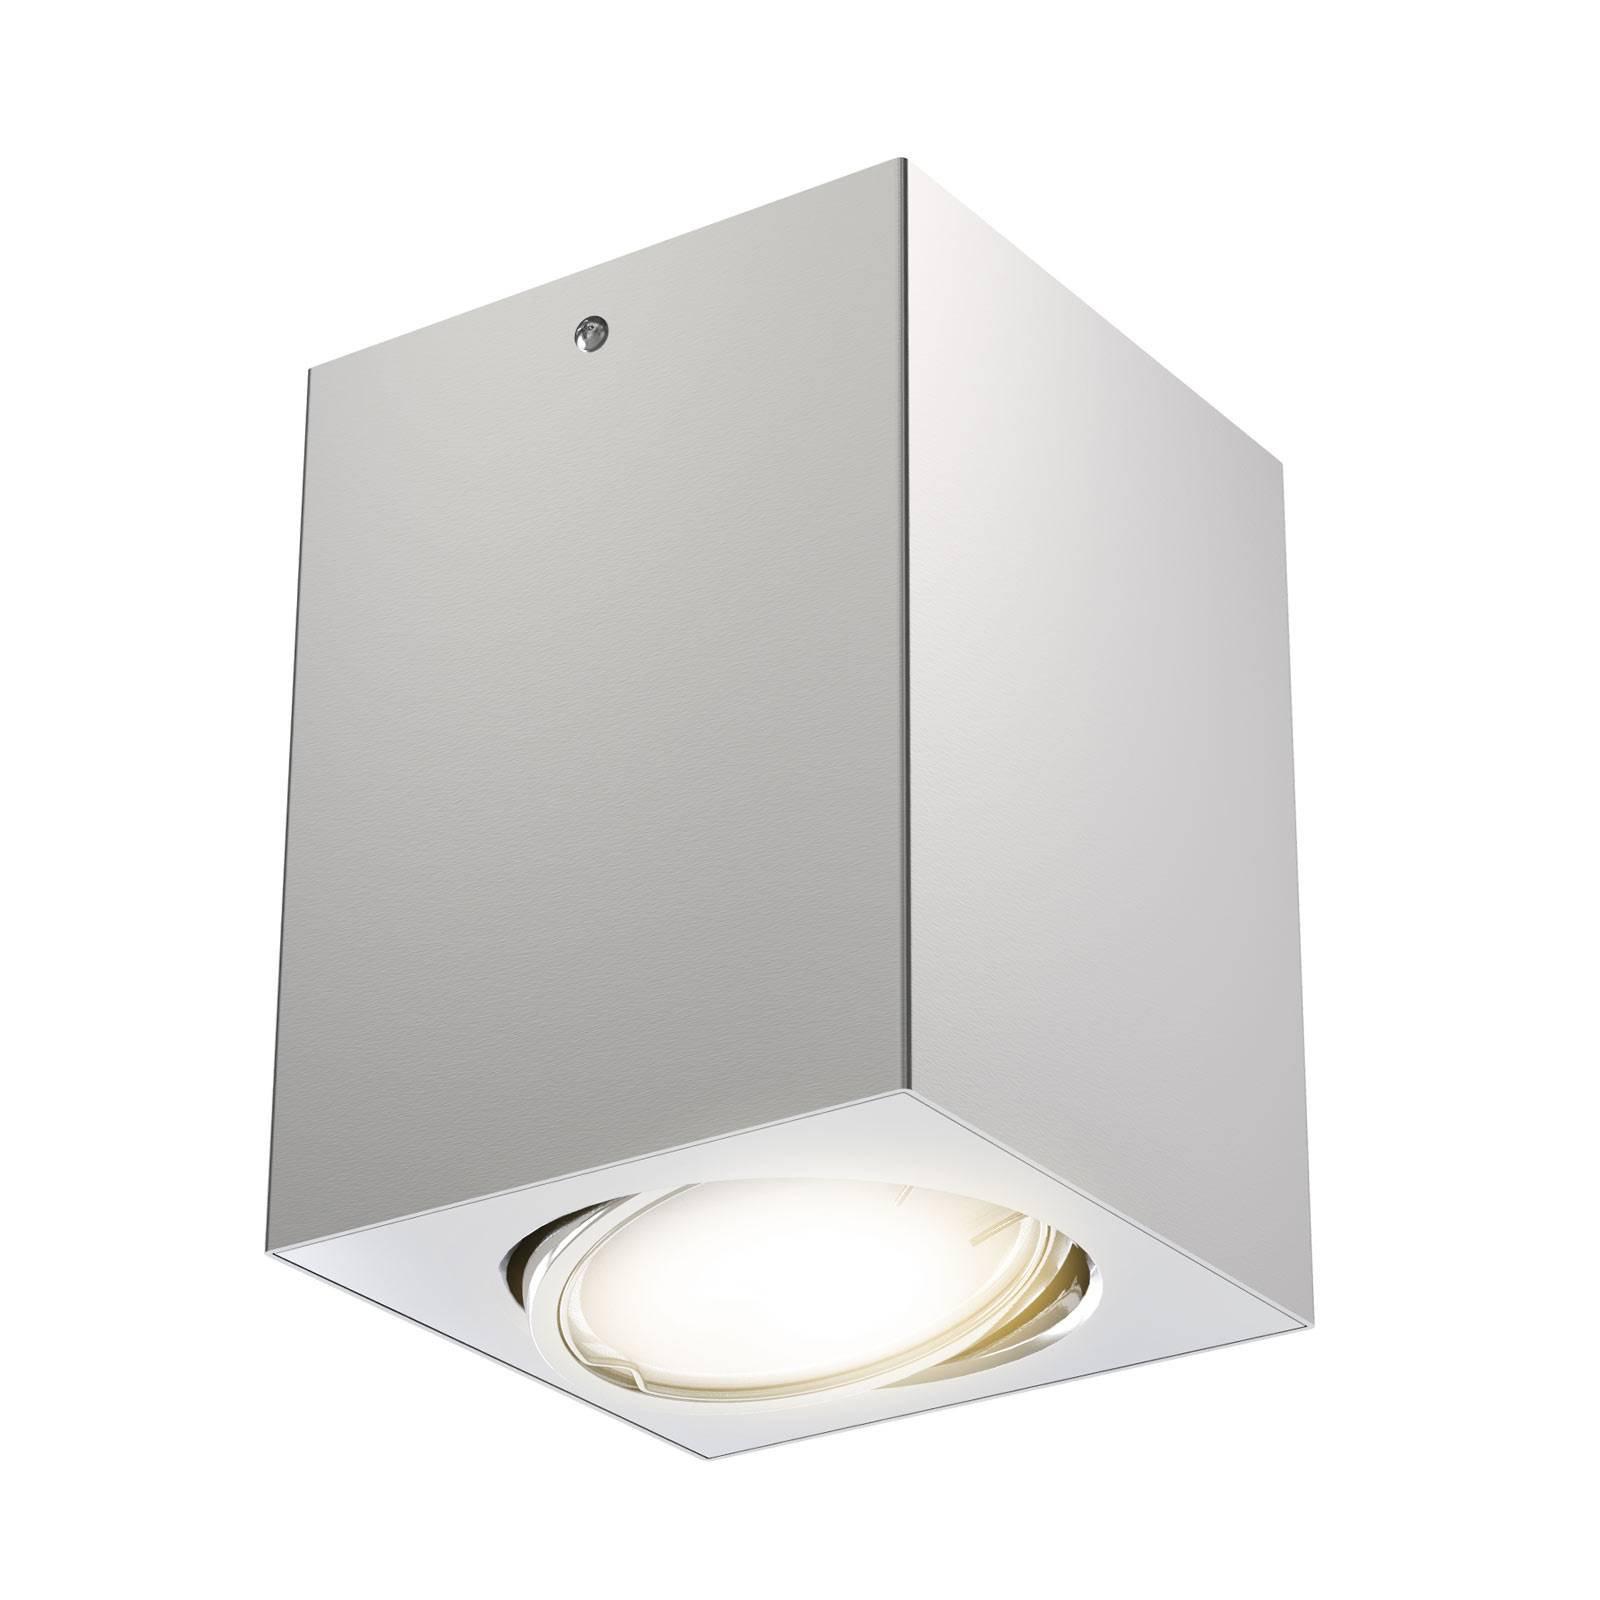 LED-taklampe 7120 med GU10-LED-pære, sølv